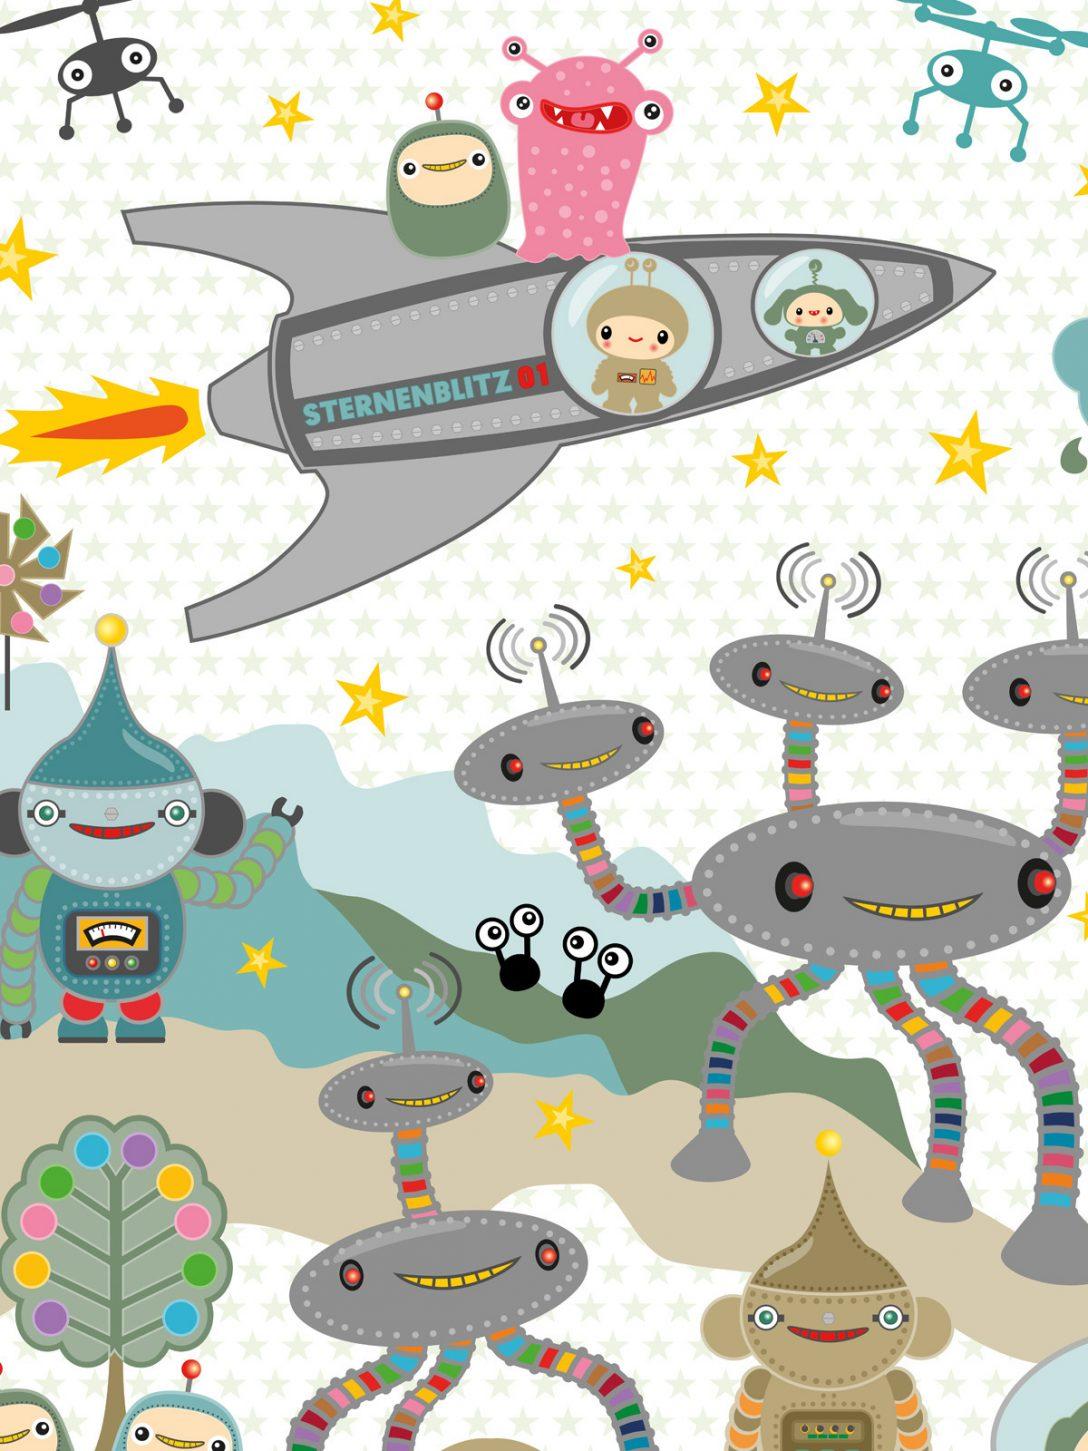 Large Size of Kinderzimmer Tapete Sternenblitz Auf Planet Noxy Miyo Mori Tapeten Für Küche Modern Wohnzimmer Ideen Schlafzimmer Fototapeten Fototapete Regale Regal Weiß Wohnzimmer Kinderzimmer Tapete